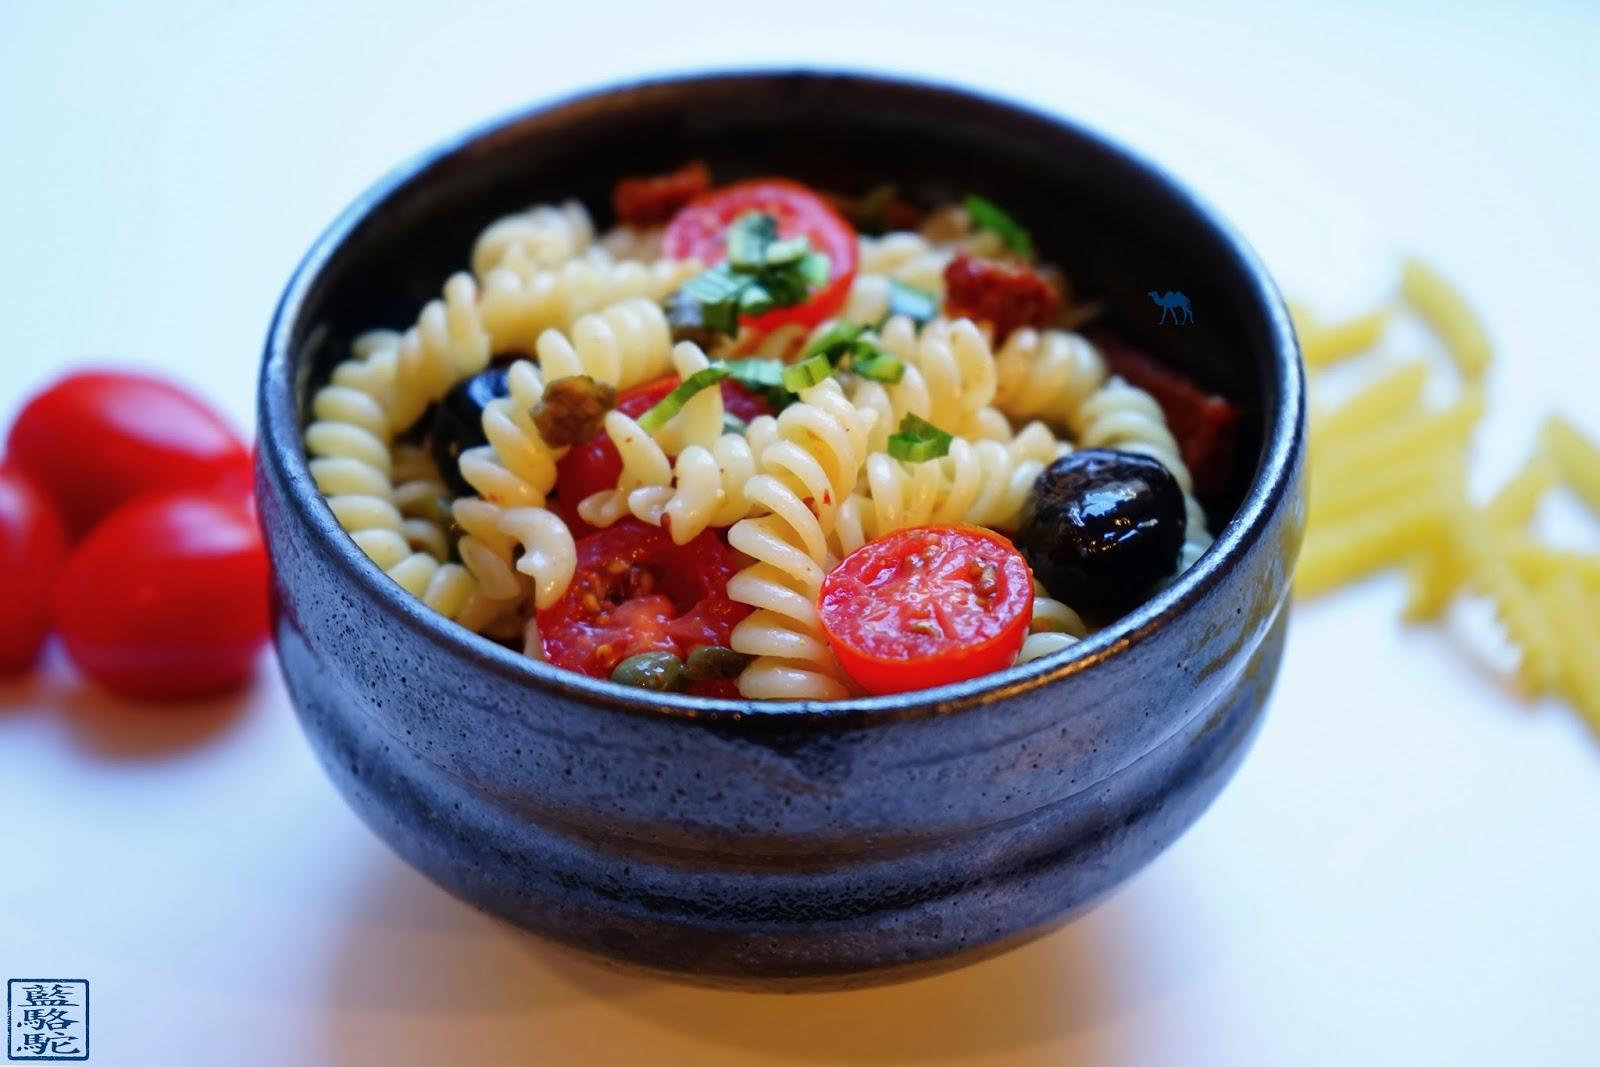 Le Chameau Bleu - Salade de pâte - Tomate - Câpre - Olive - Ngo Gai